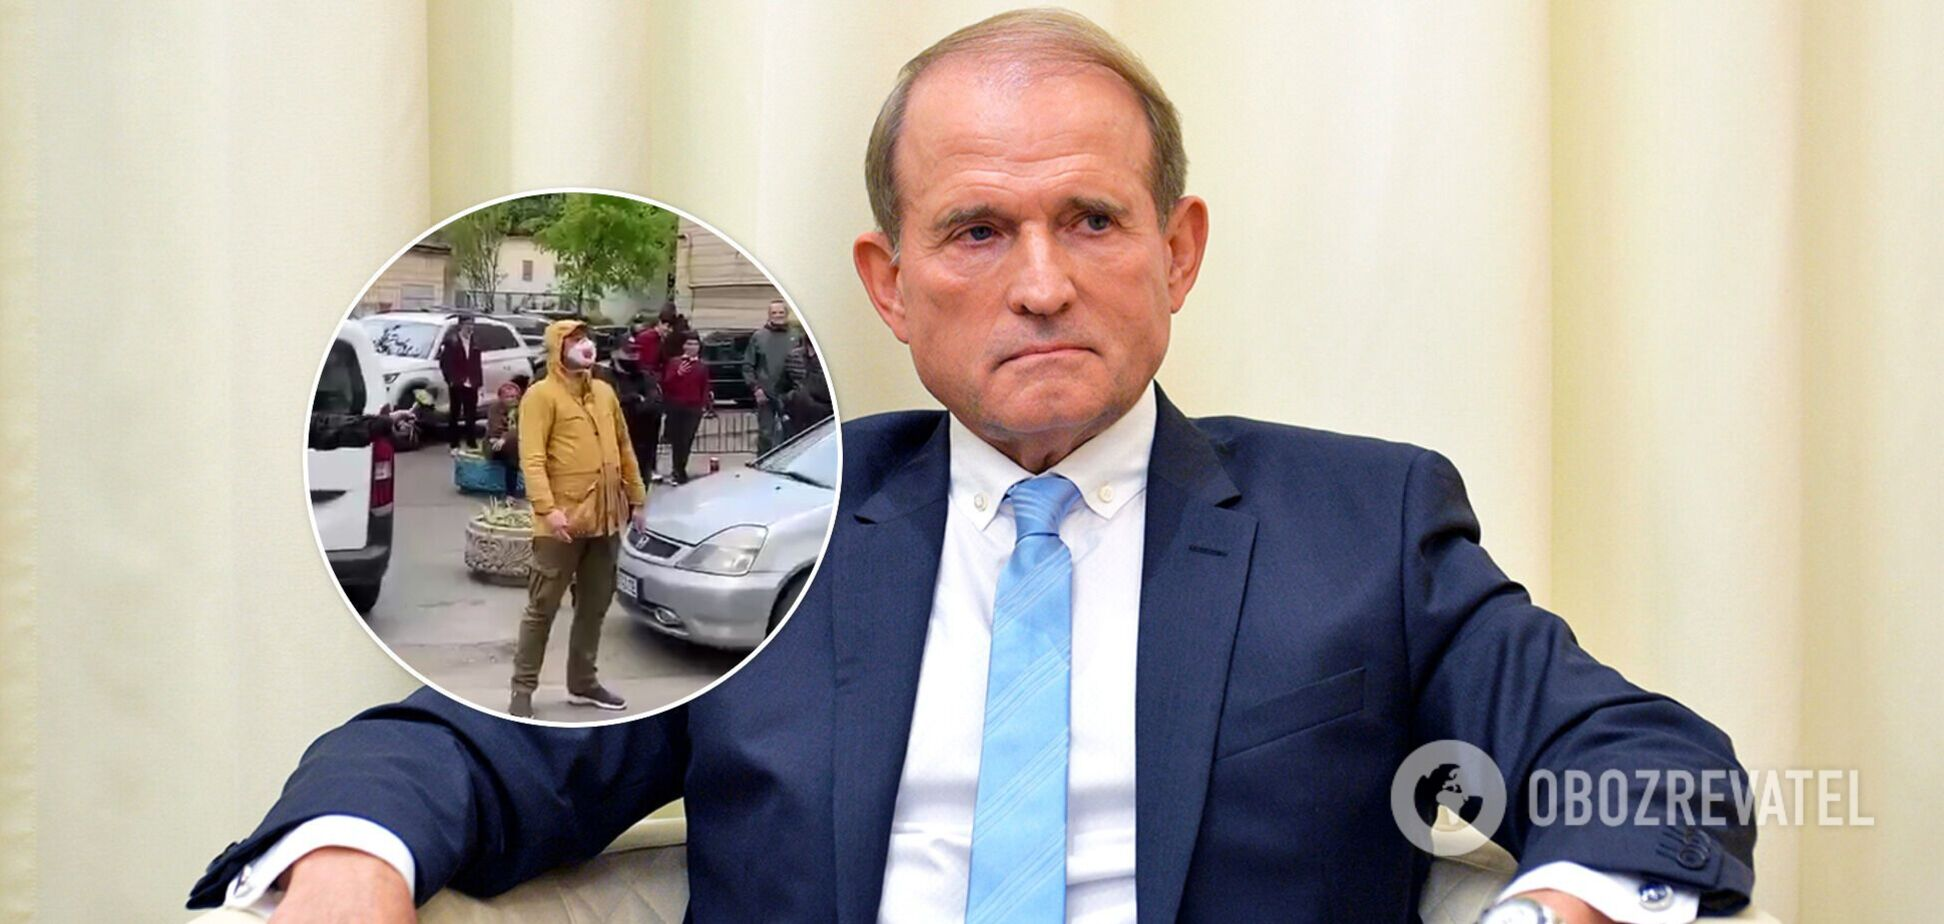 Журналист возле Офиса генпрокурора назвал Медведчука 'дьяволом', который 'погибнет в аду'. Курьезное видео